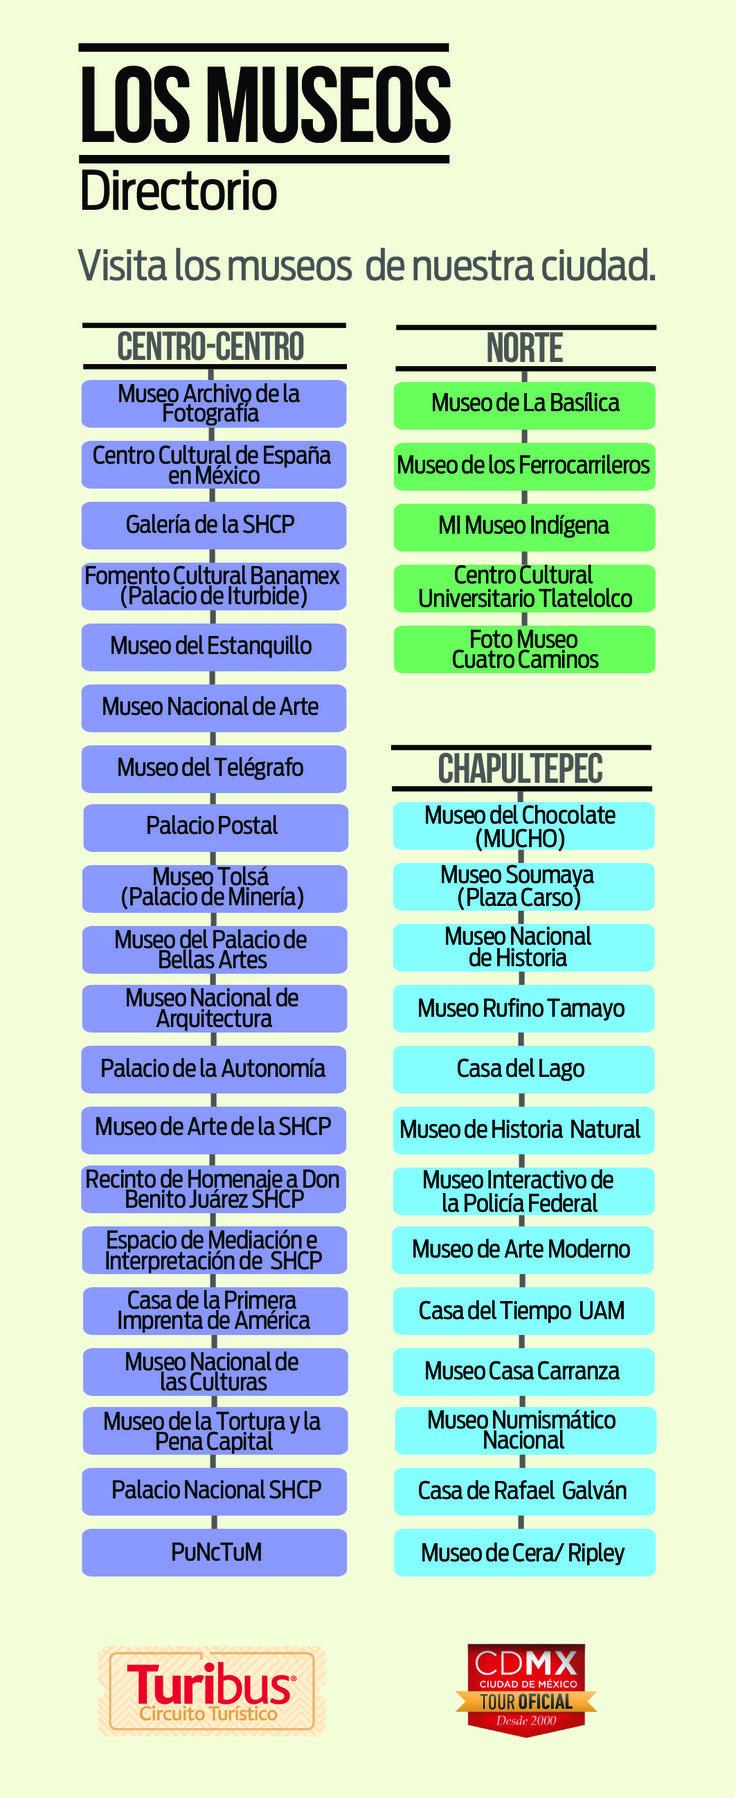 Estos infográficos te ayudarán a planificar el recorrido de los museos en la CDMX